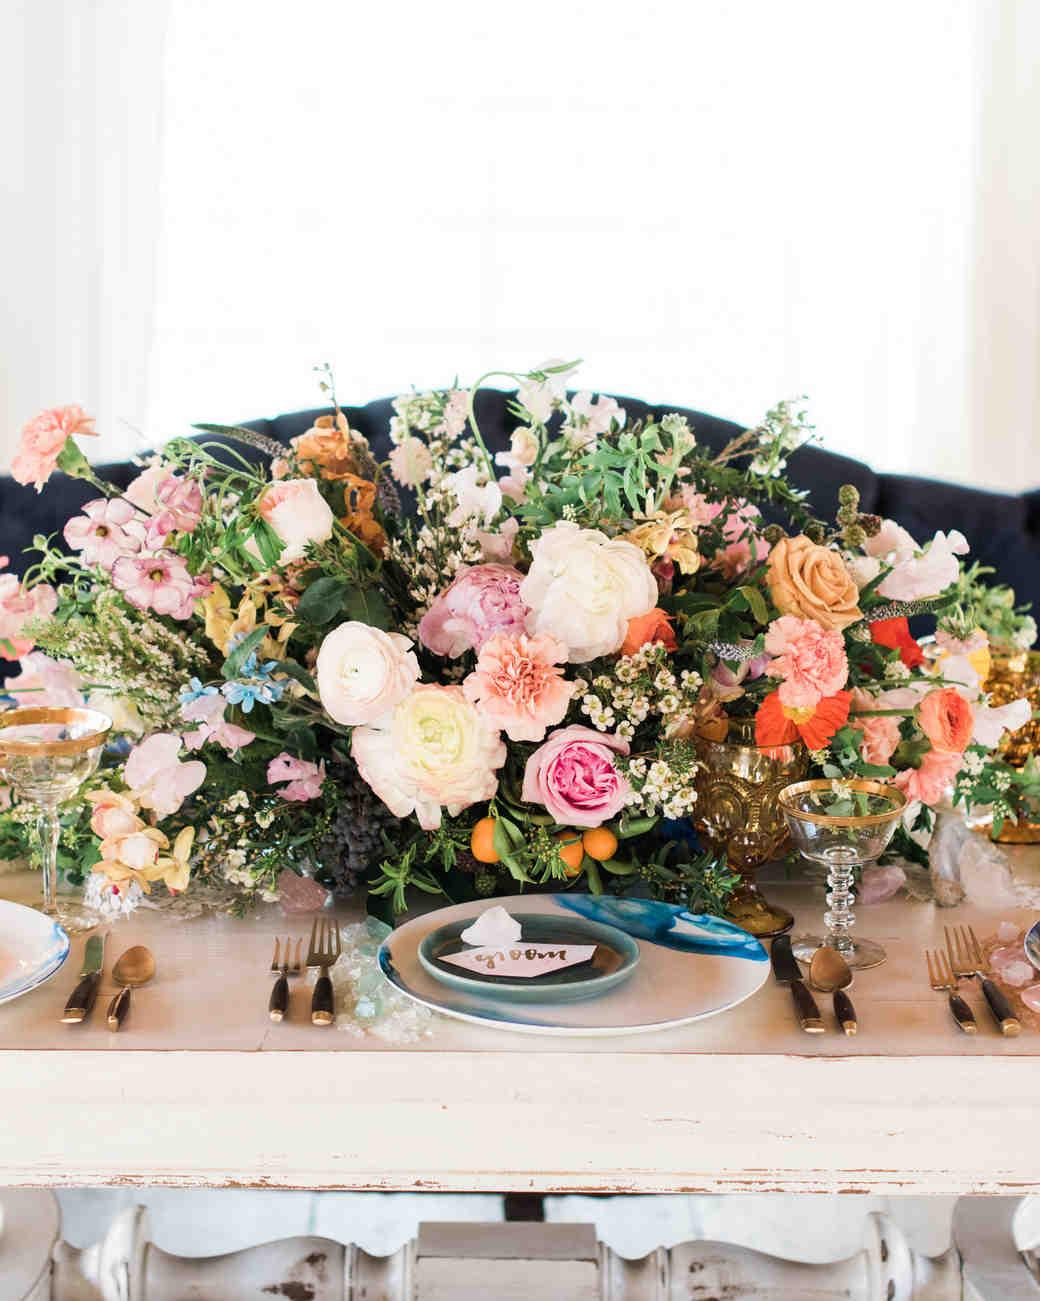 Summer Centerpieces Martha Stewart : Stunning summer centerpieces using in season flowers